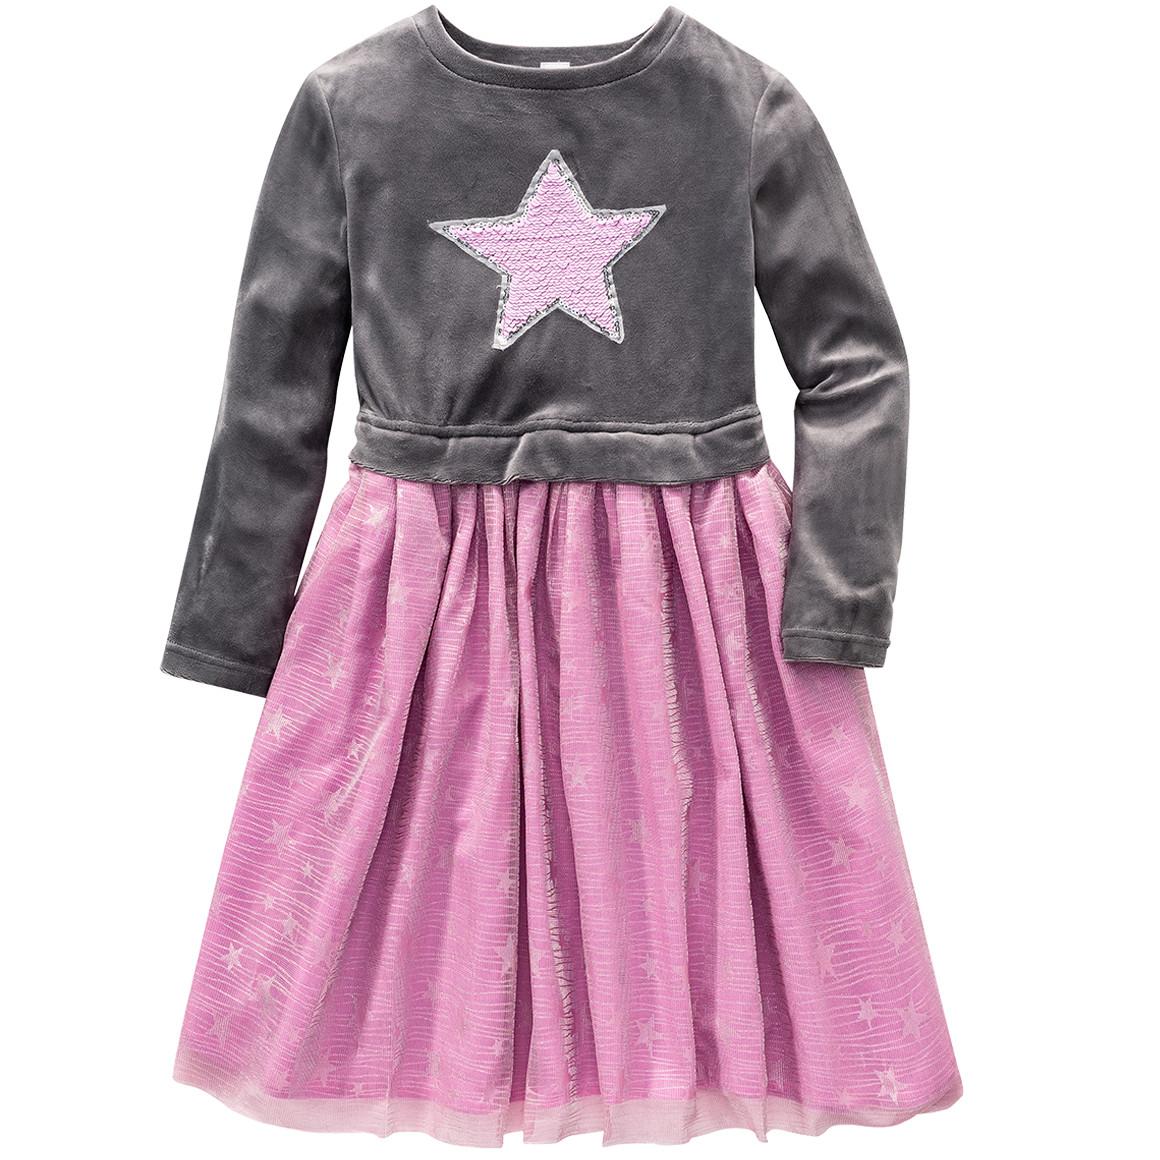 Girlsroeckekleider - Festliches Mädchen Kleid mit Wendepailletten - Onlineshop Ernstings family